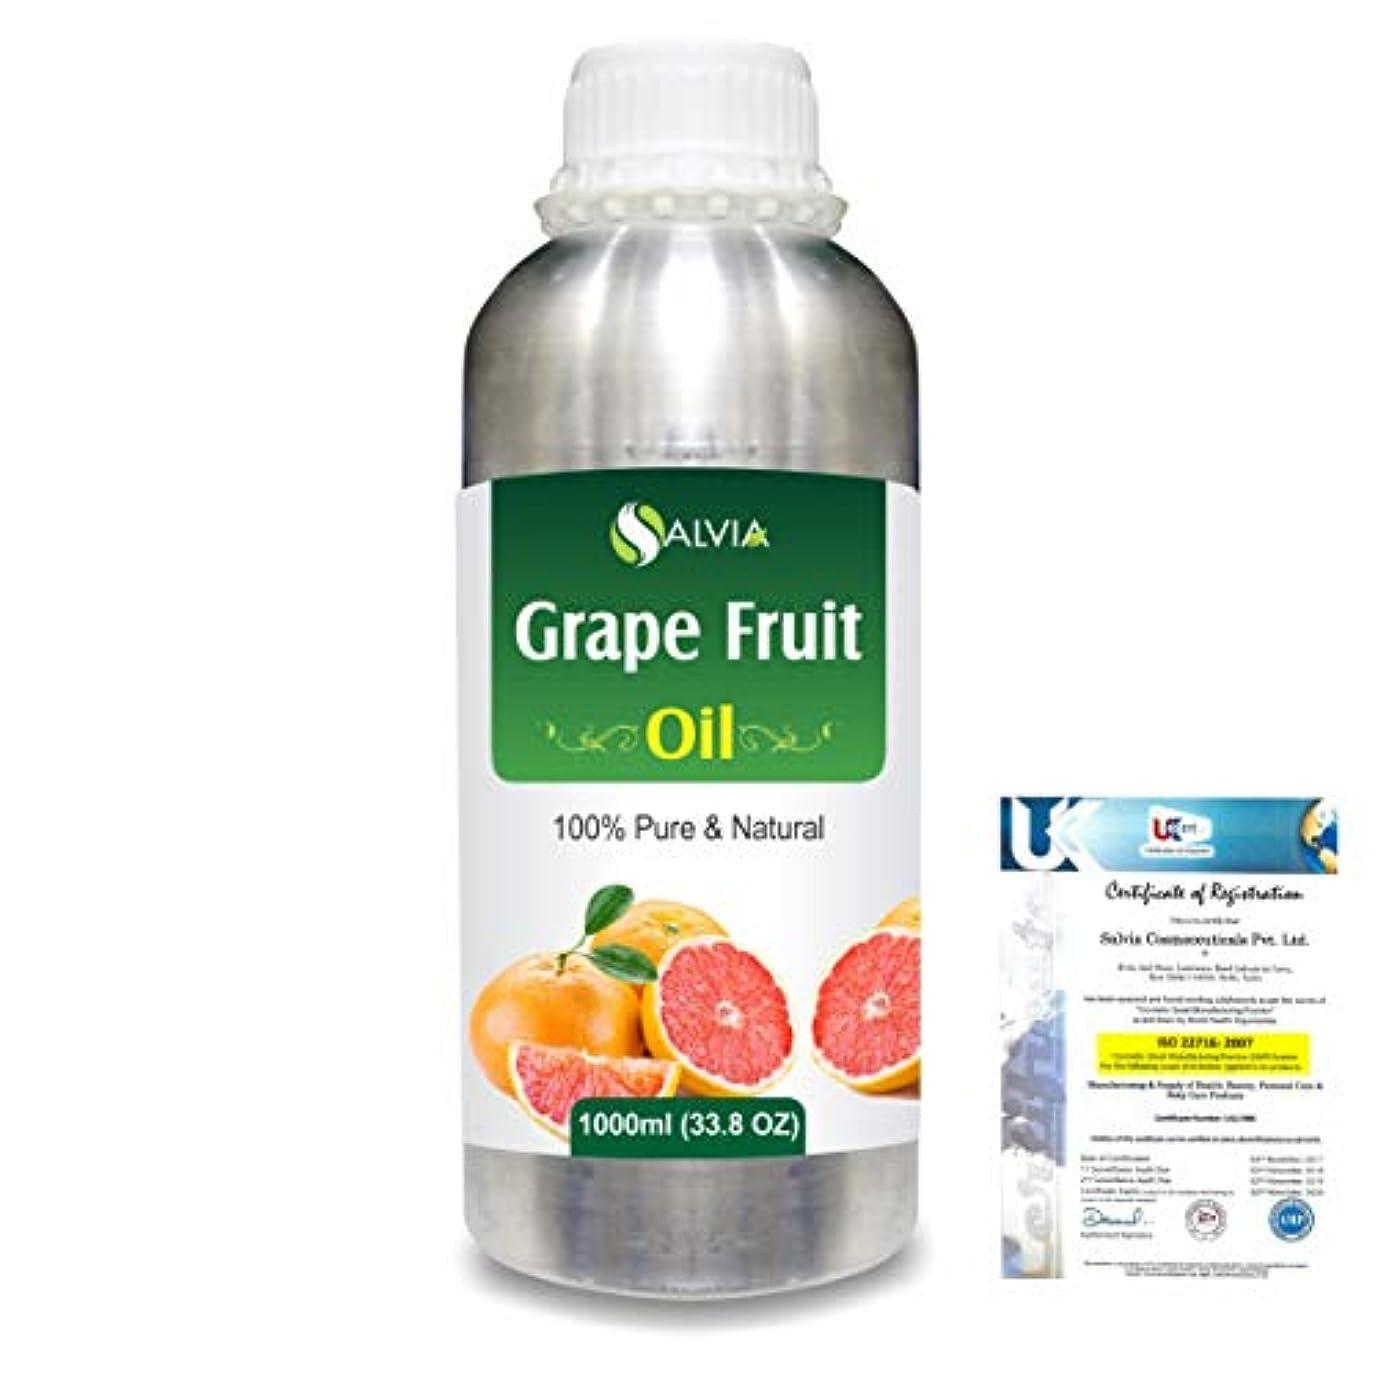 コレクションリム検索エンジン最適化Grapefruit (Citrus paradisi) 100% Natural Pure Essential Oil 1000ml/33.8fl.oz.